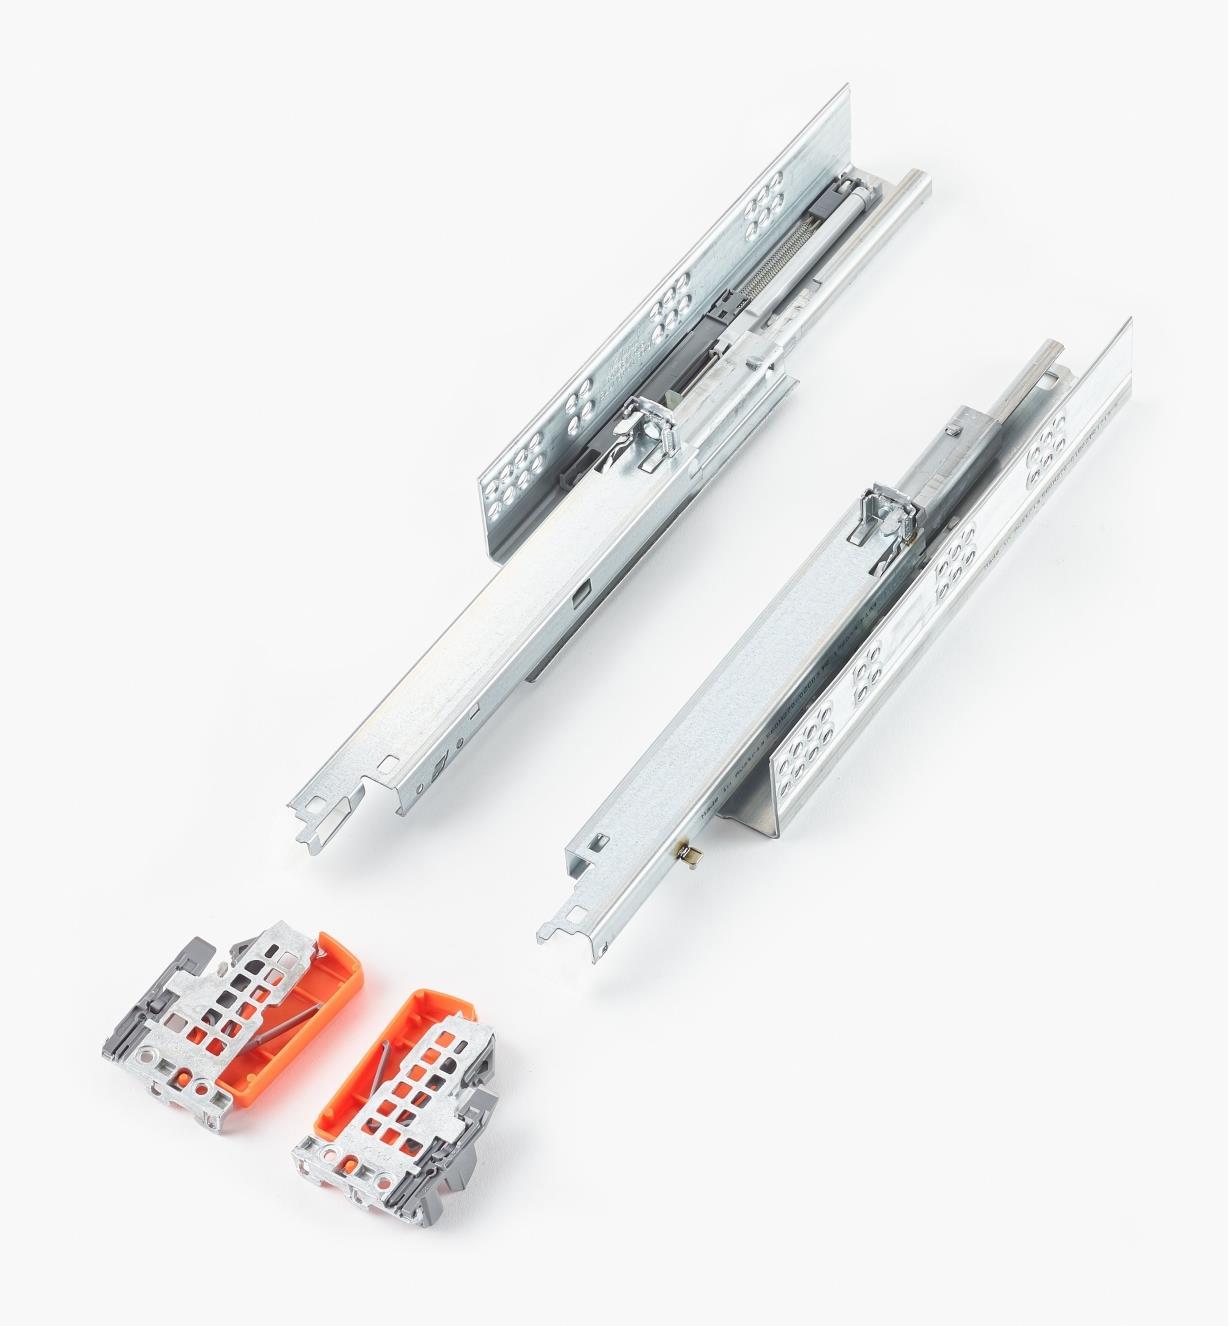 02K5127 - 270mm Tandem Plus Slides / Blumotion, pr.